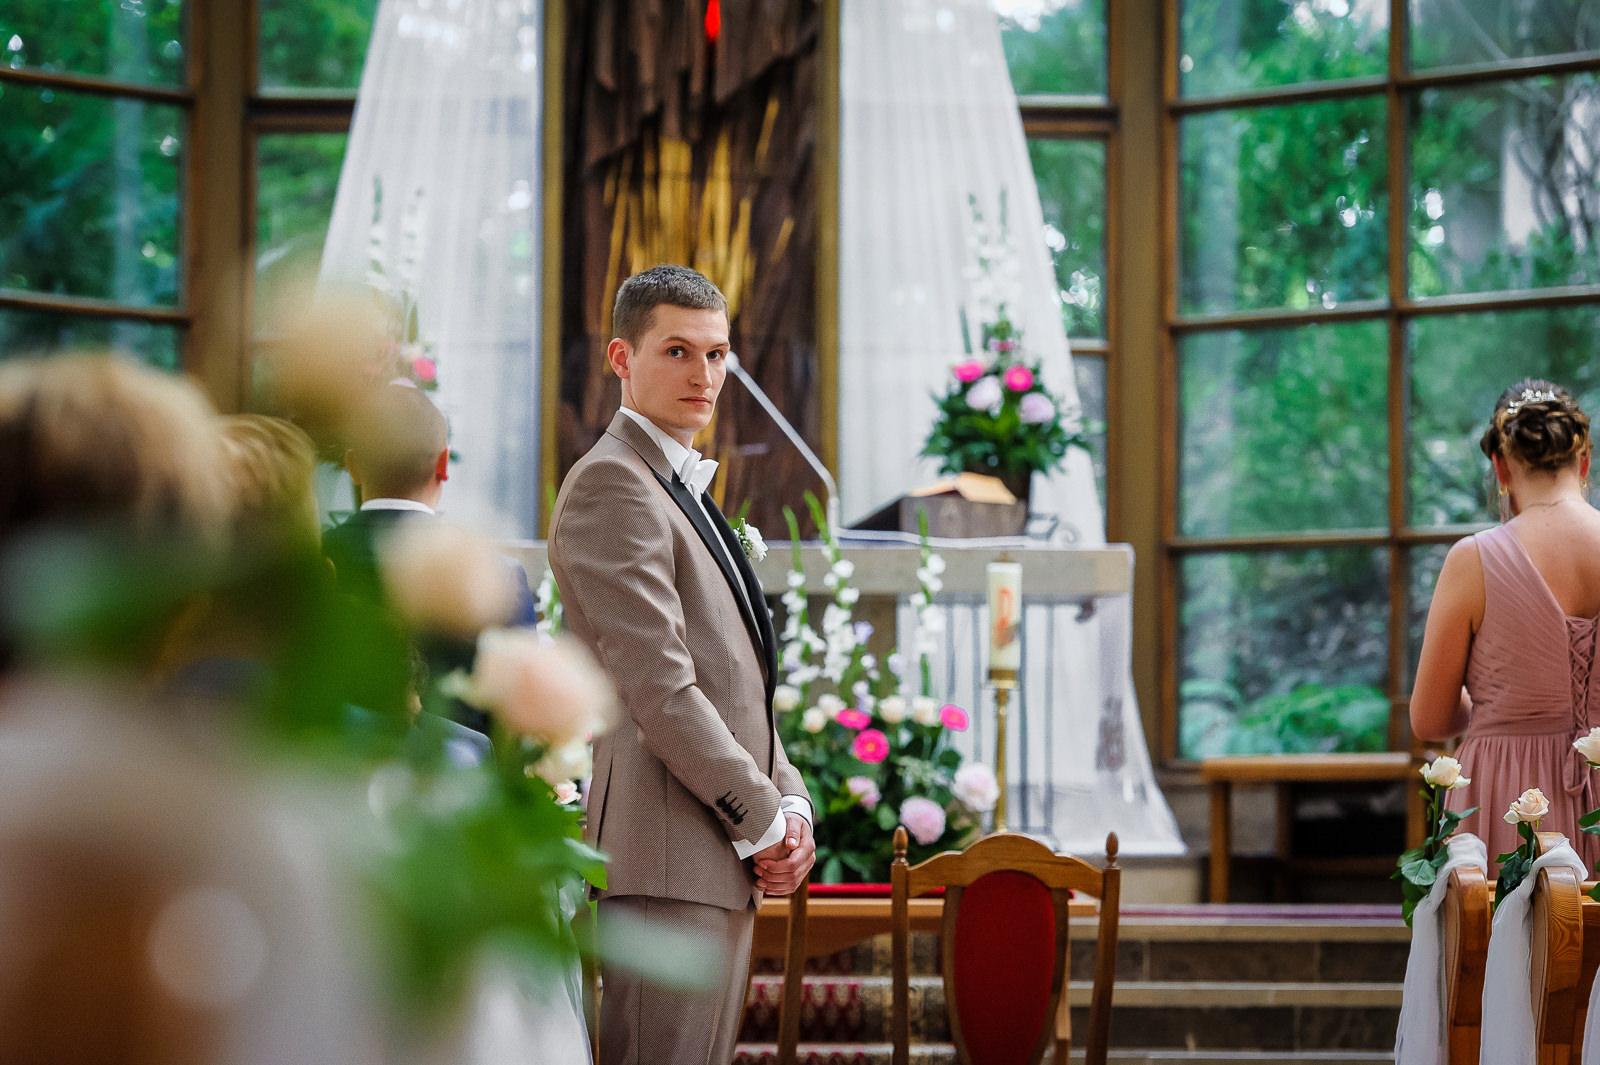 Na pamiątkowej fotografii ślubnej doskonale widać emocje Pana młodego oczekującego na swoja wybranką przy ołtarzu.